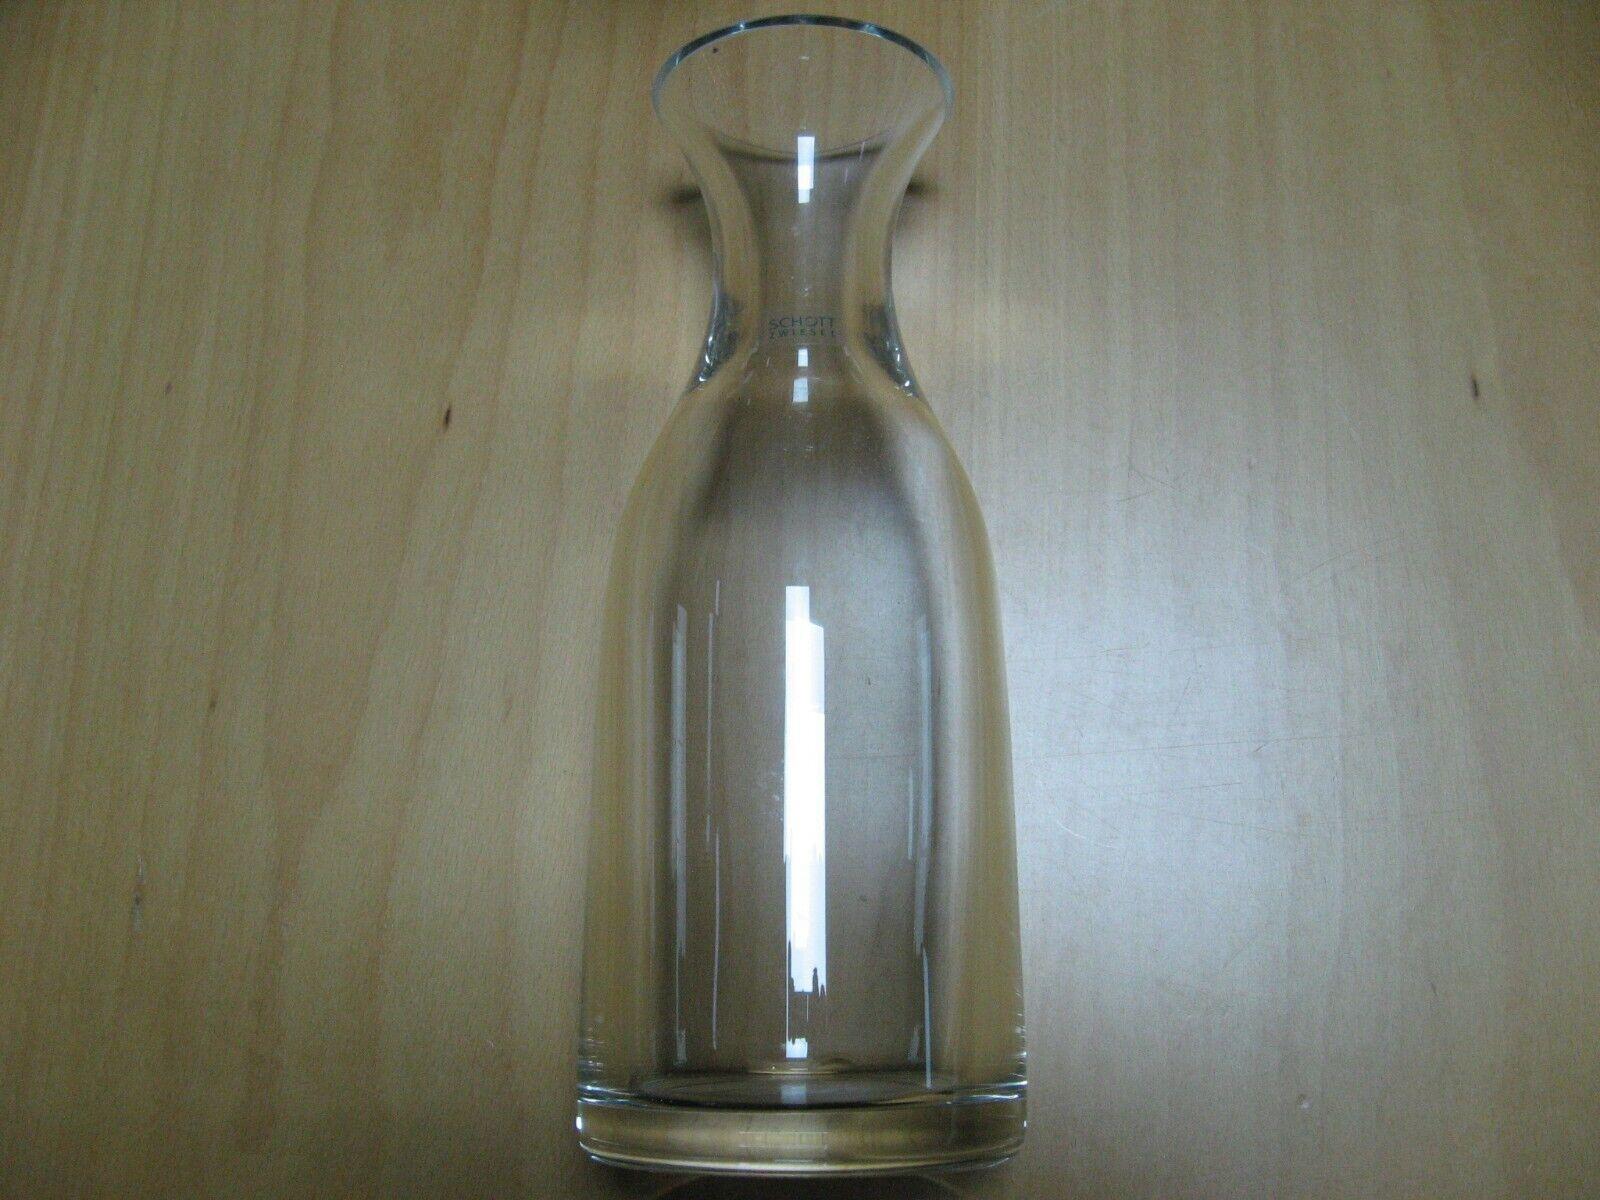 Karaffe Wasser-/Wein-Dekanter SCHOTT Zwiesel 0,7 L GLAS